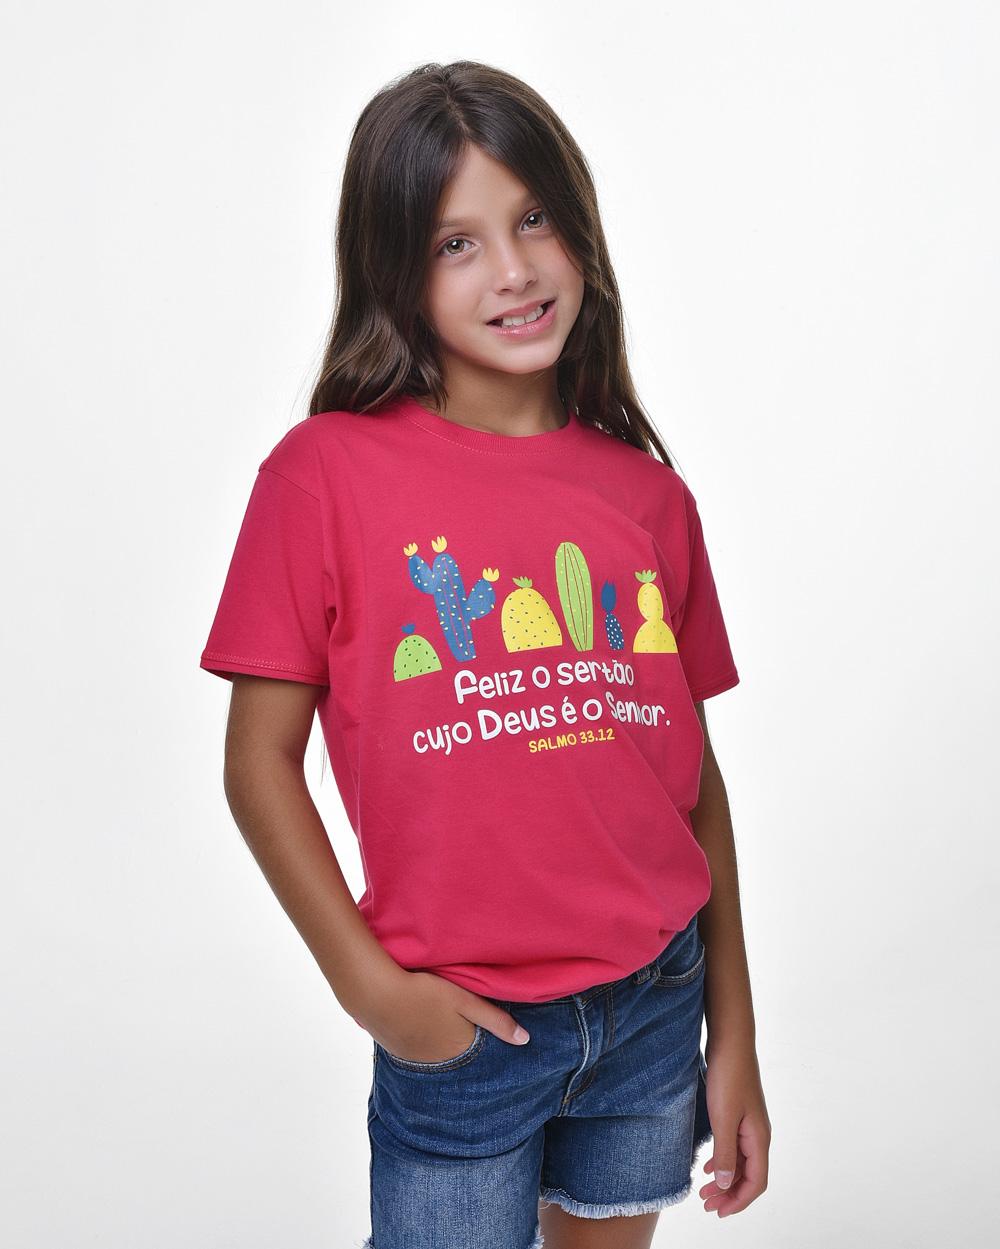 Camiseta Infantil - Bendito Sertão 02 (Algodão)